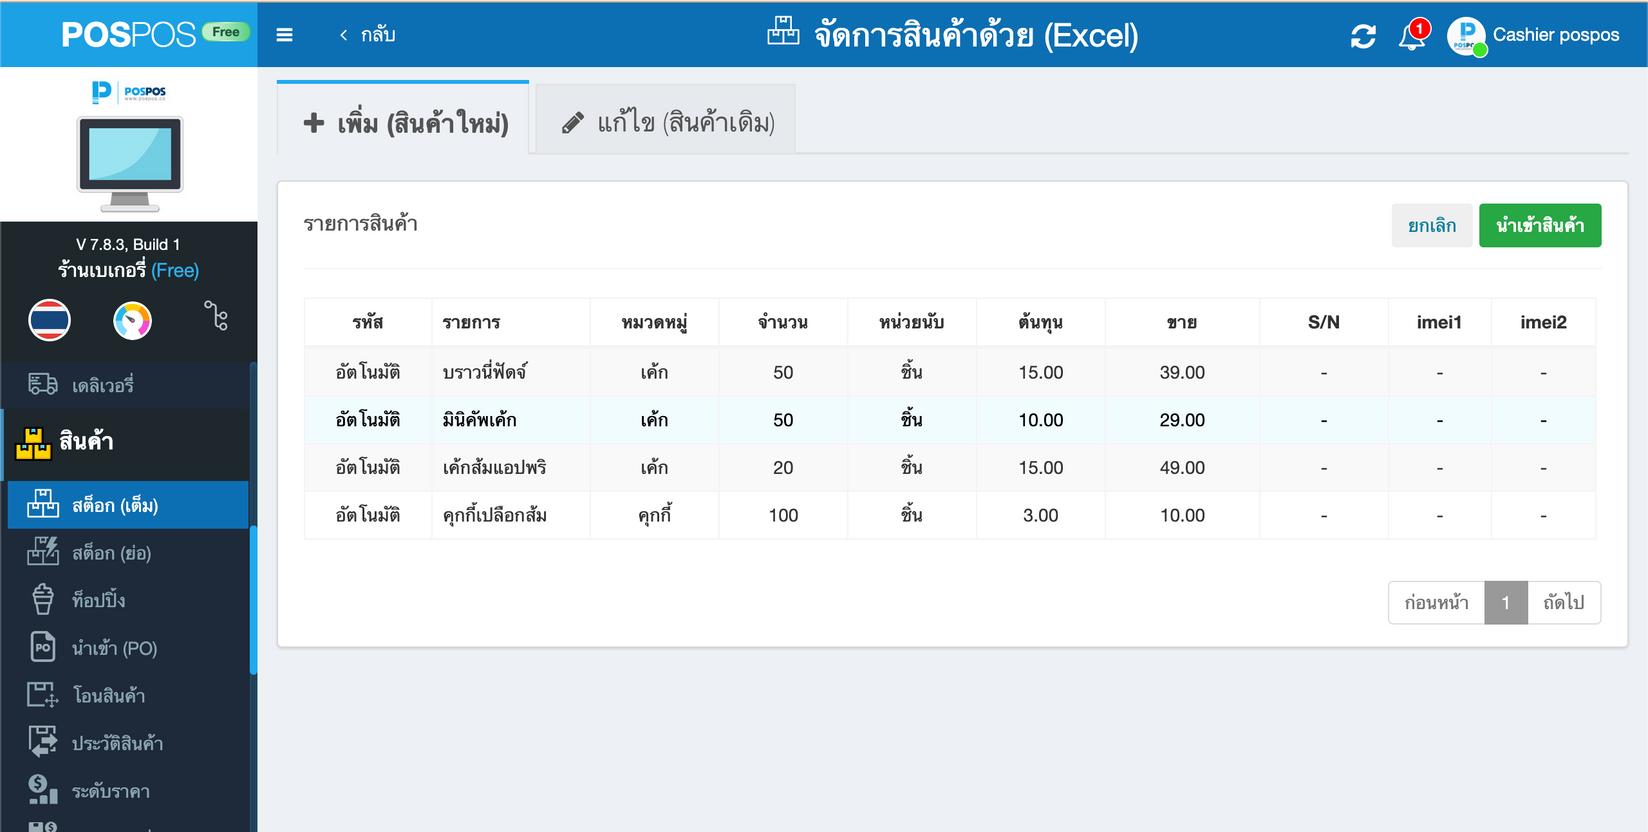 นำเข้าสินค้า POSPOS ไฟล์ Excel